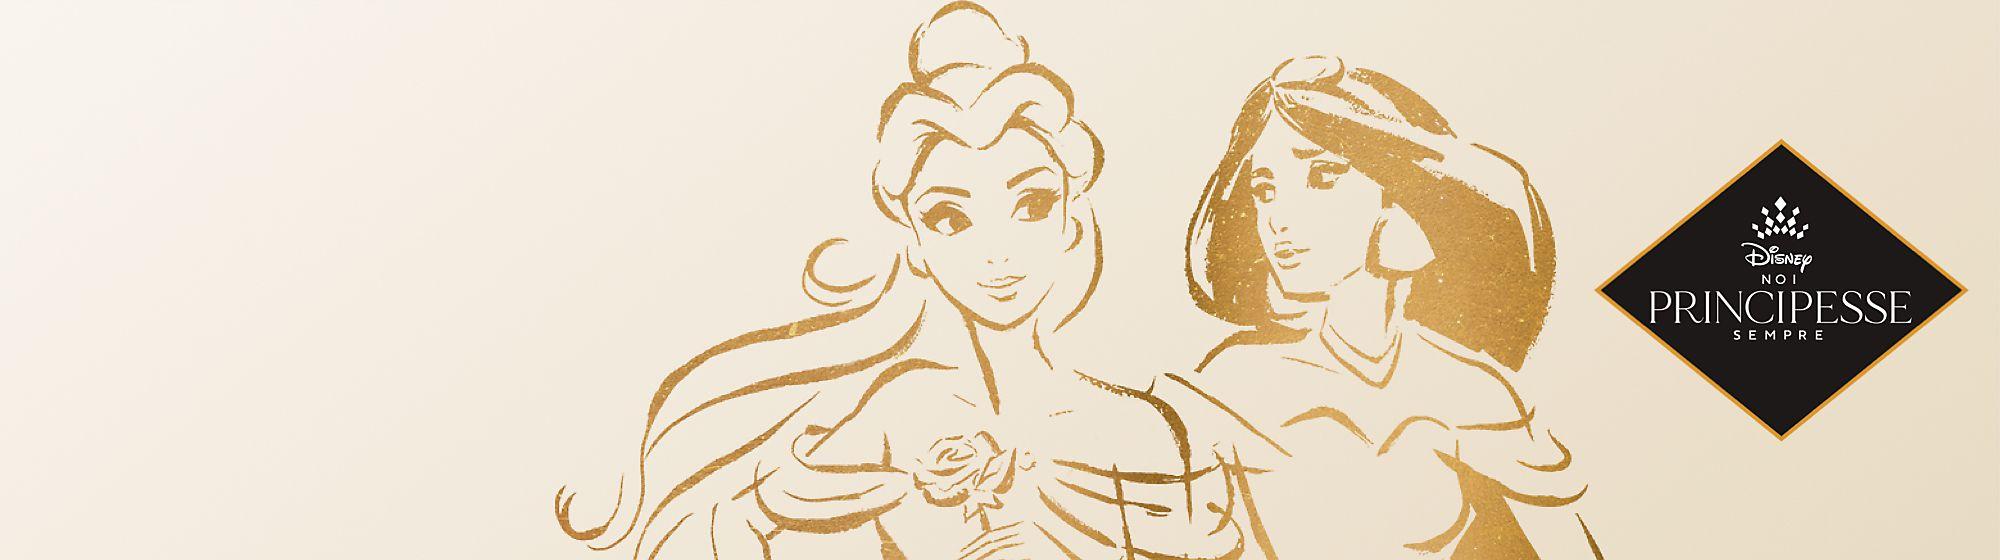 Principesse Disney adulti Scopri una incantevole linea di tazze, articoli da regalo e abbigliamento ispirata alle Principesse Disney